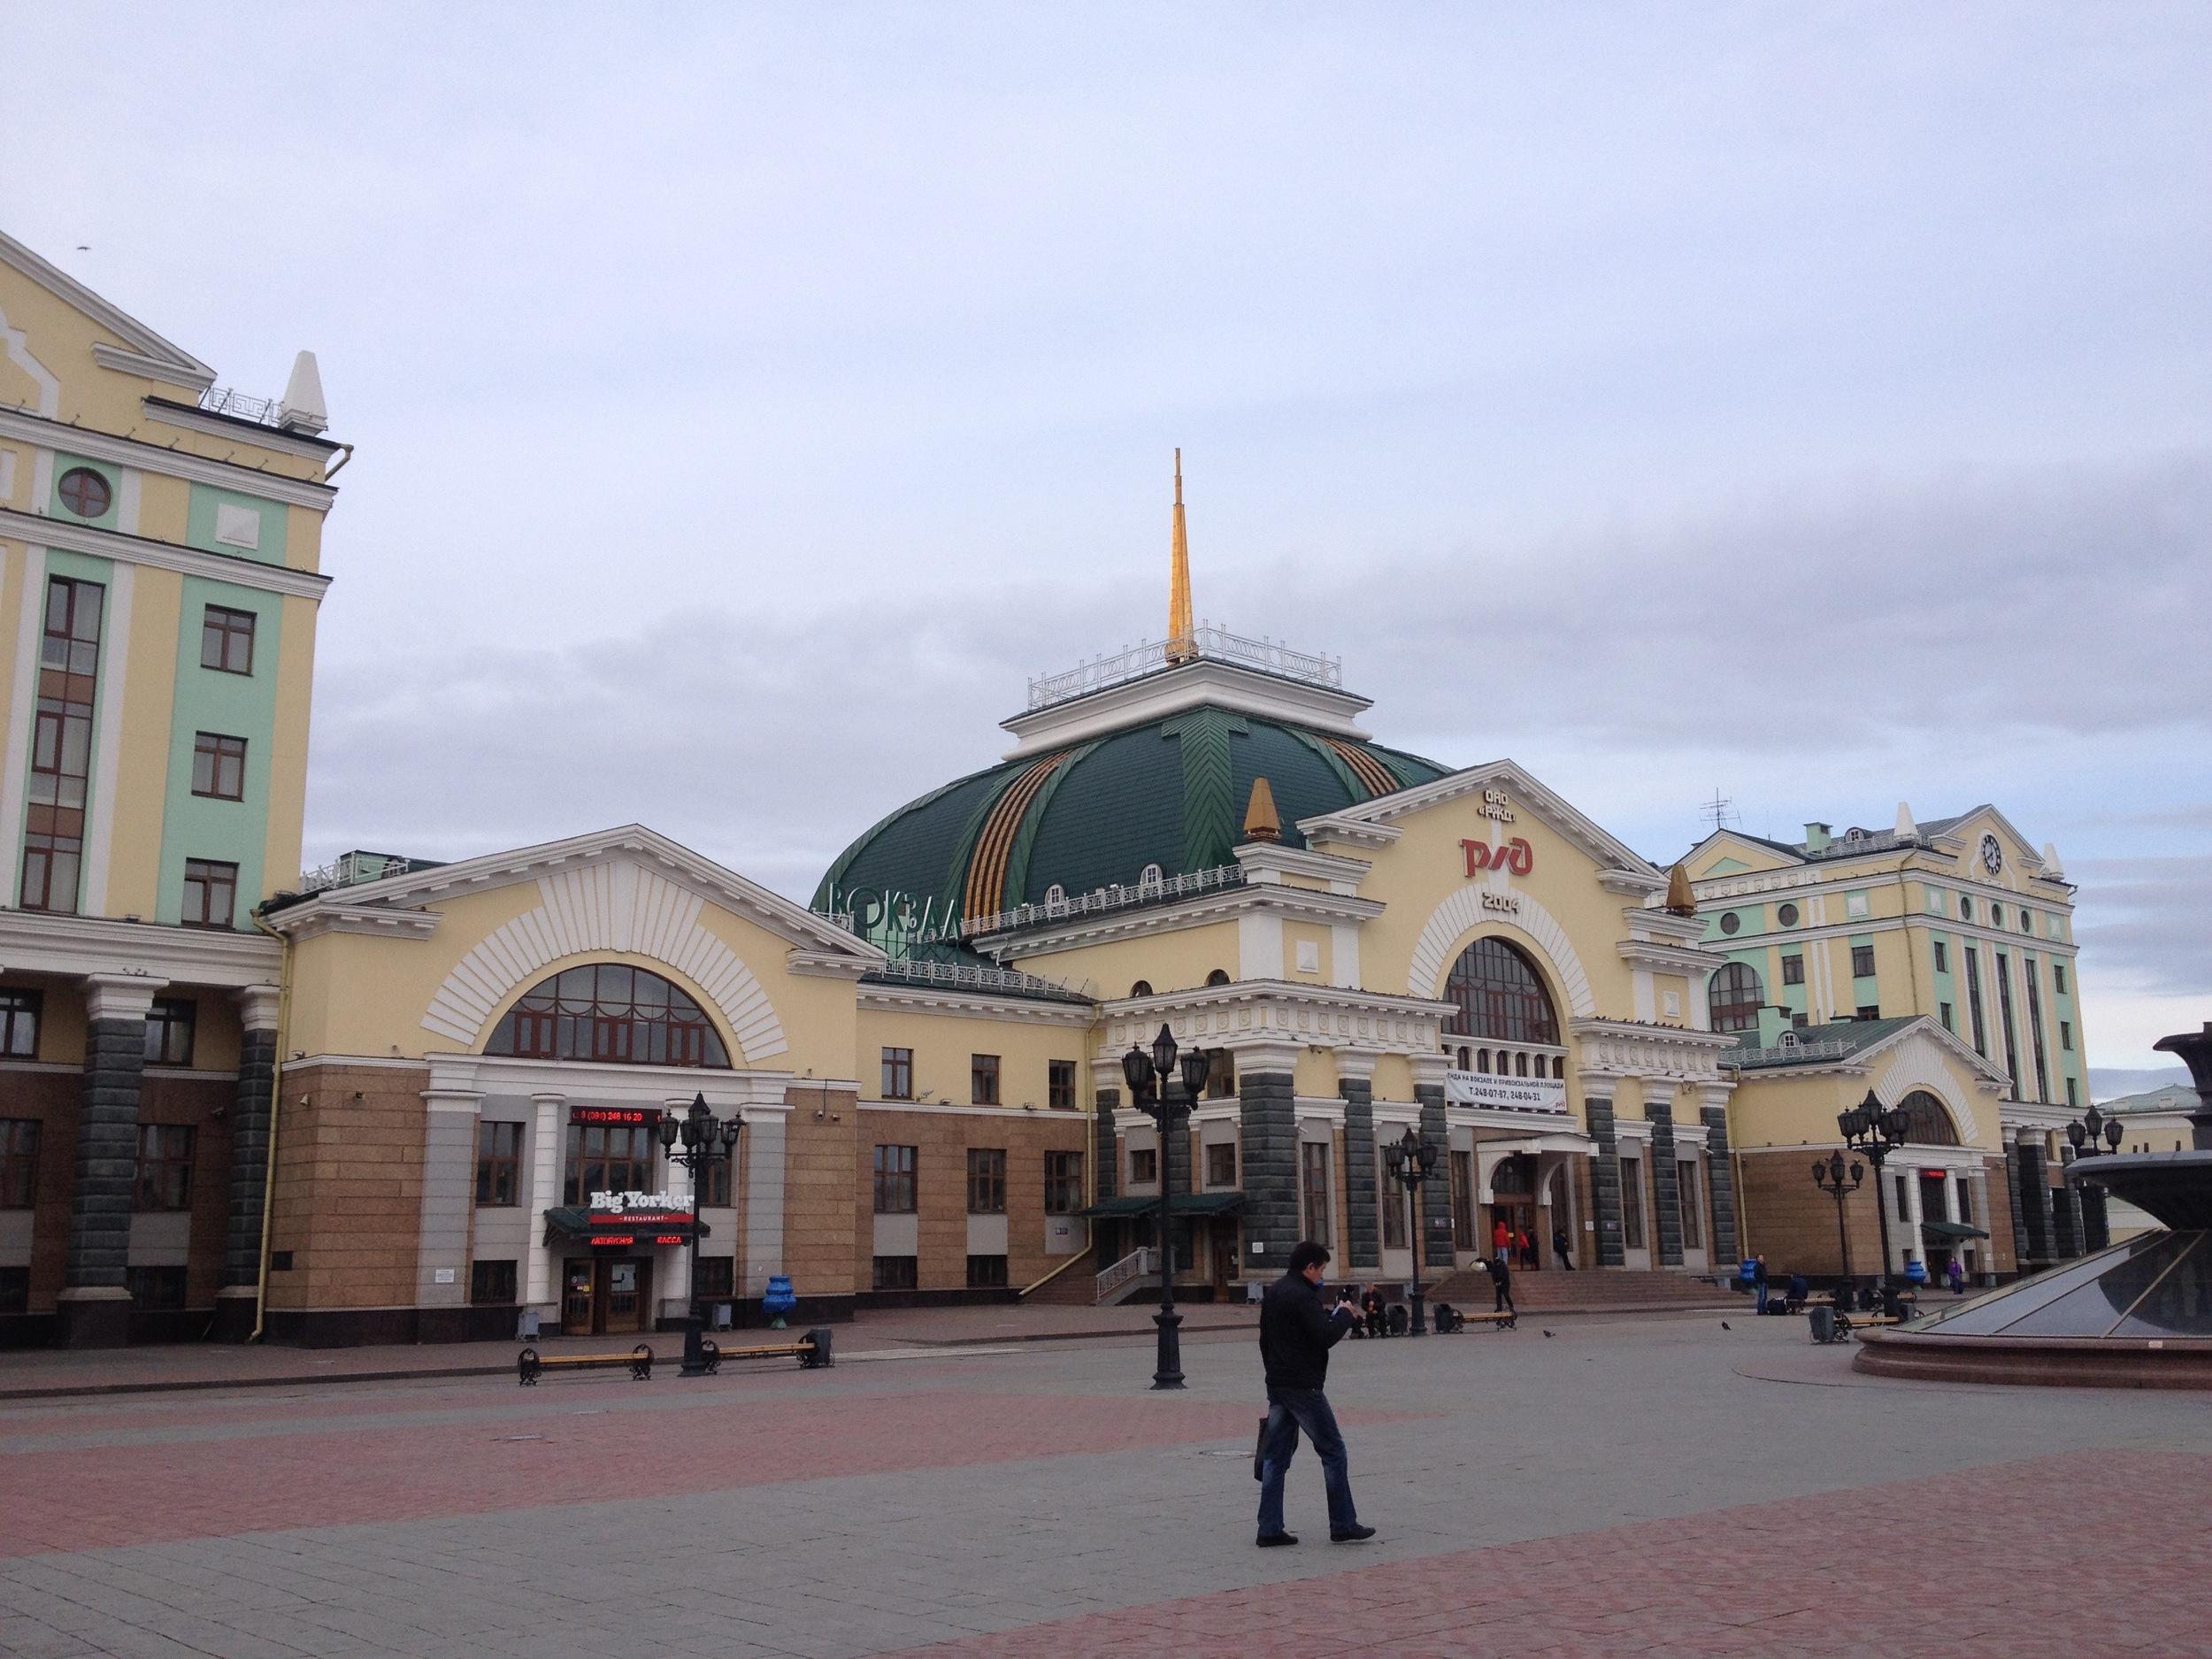 Gare de Krasnoïarsk, 1er novembre 2015